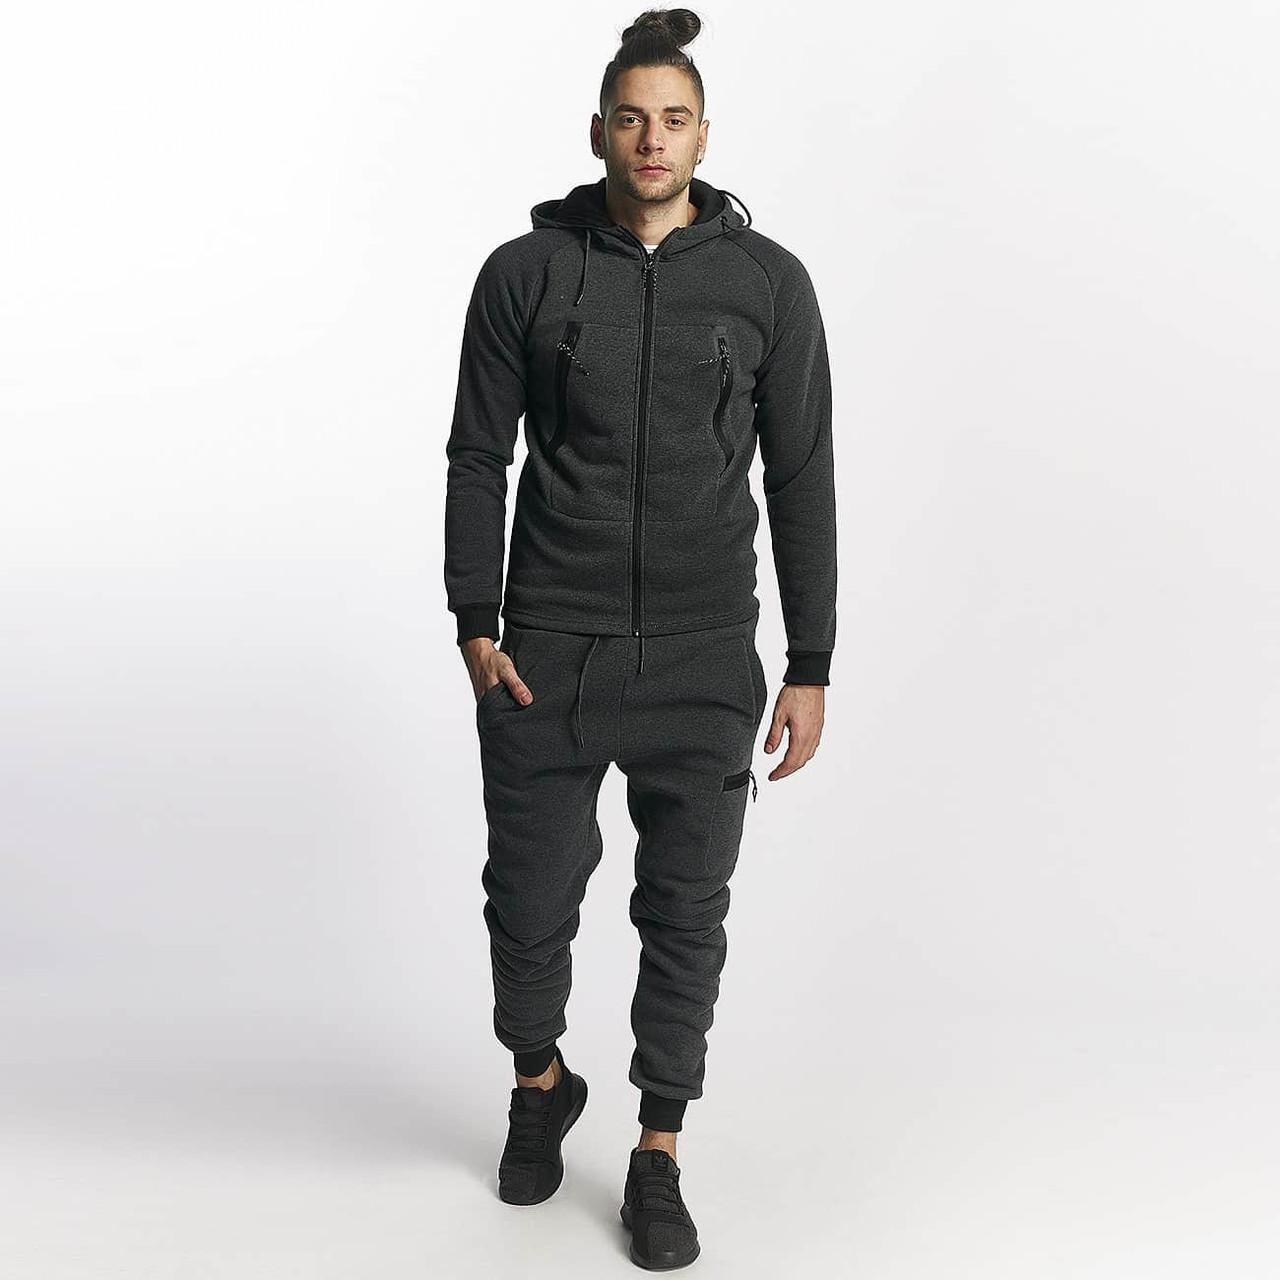 a5e04a42a0e6 Теплый мужской спортивный костюм с большими карманами антрацит - Bigl.ua